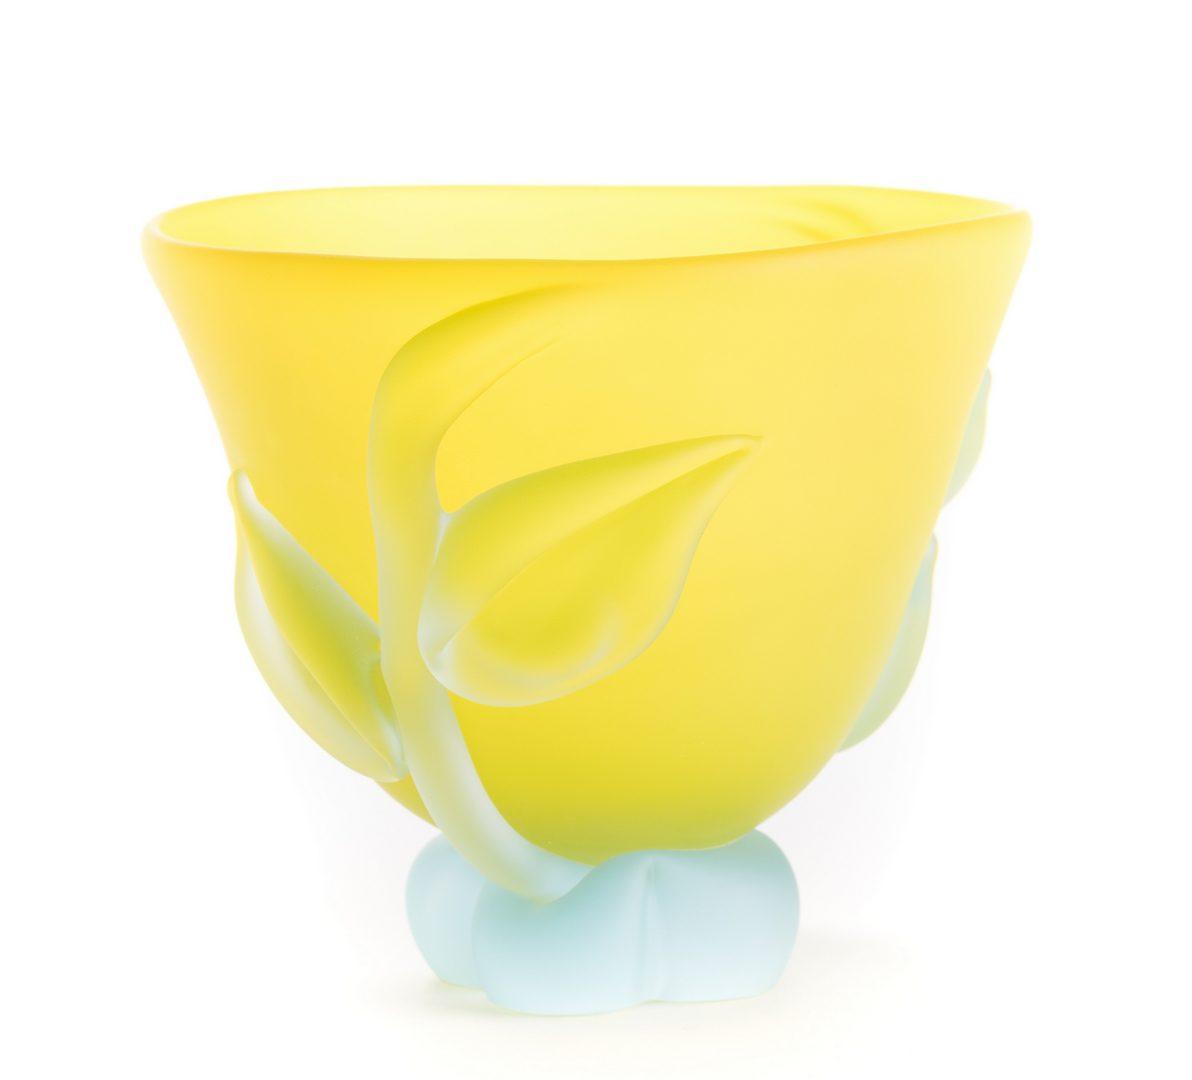 Lot 515: Tommie Rush Art Glass Vase